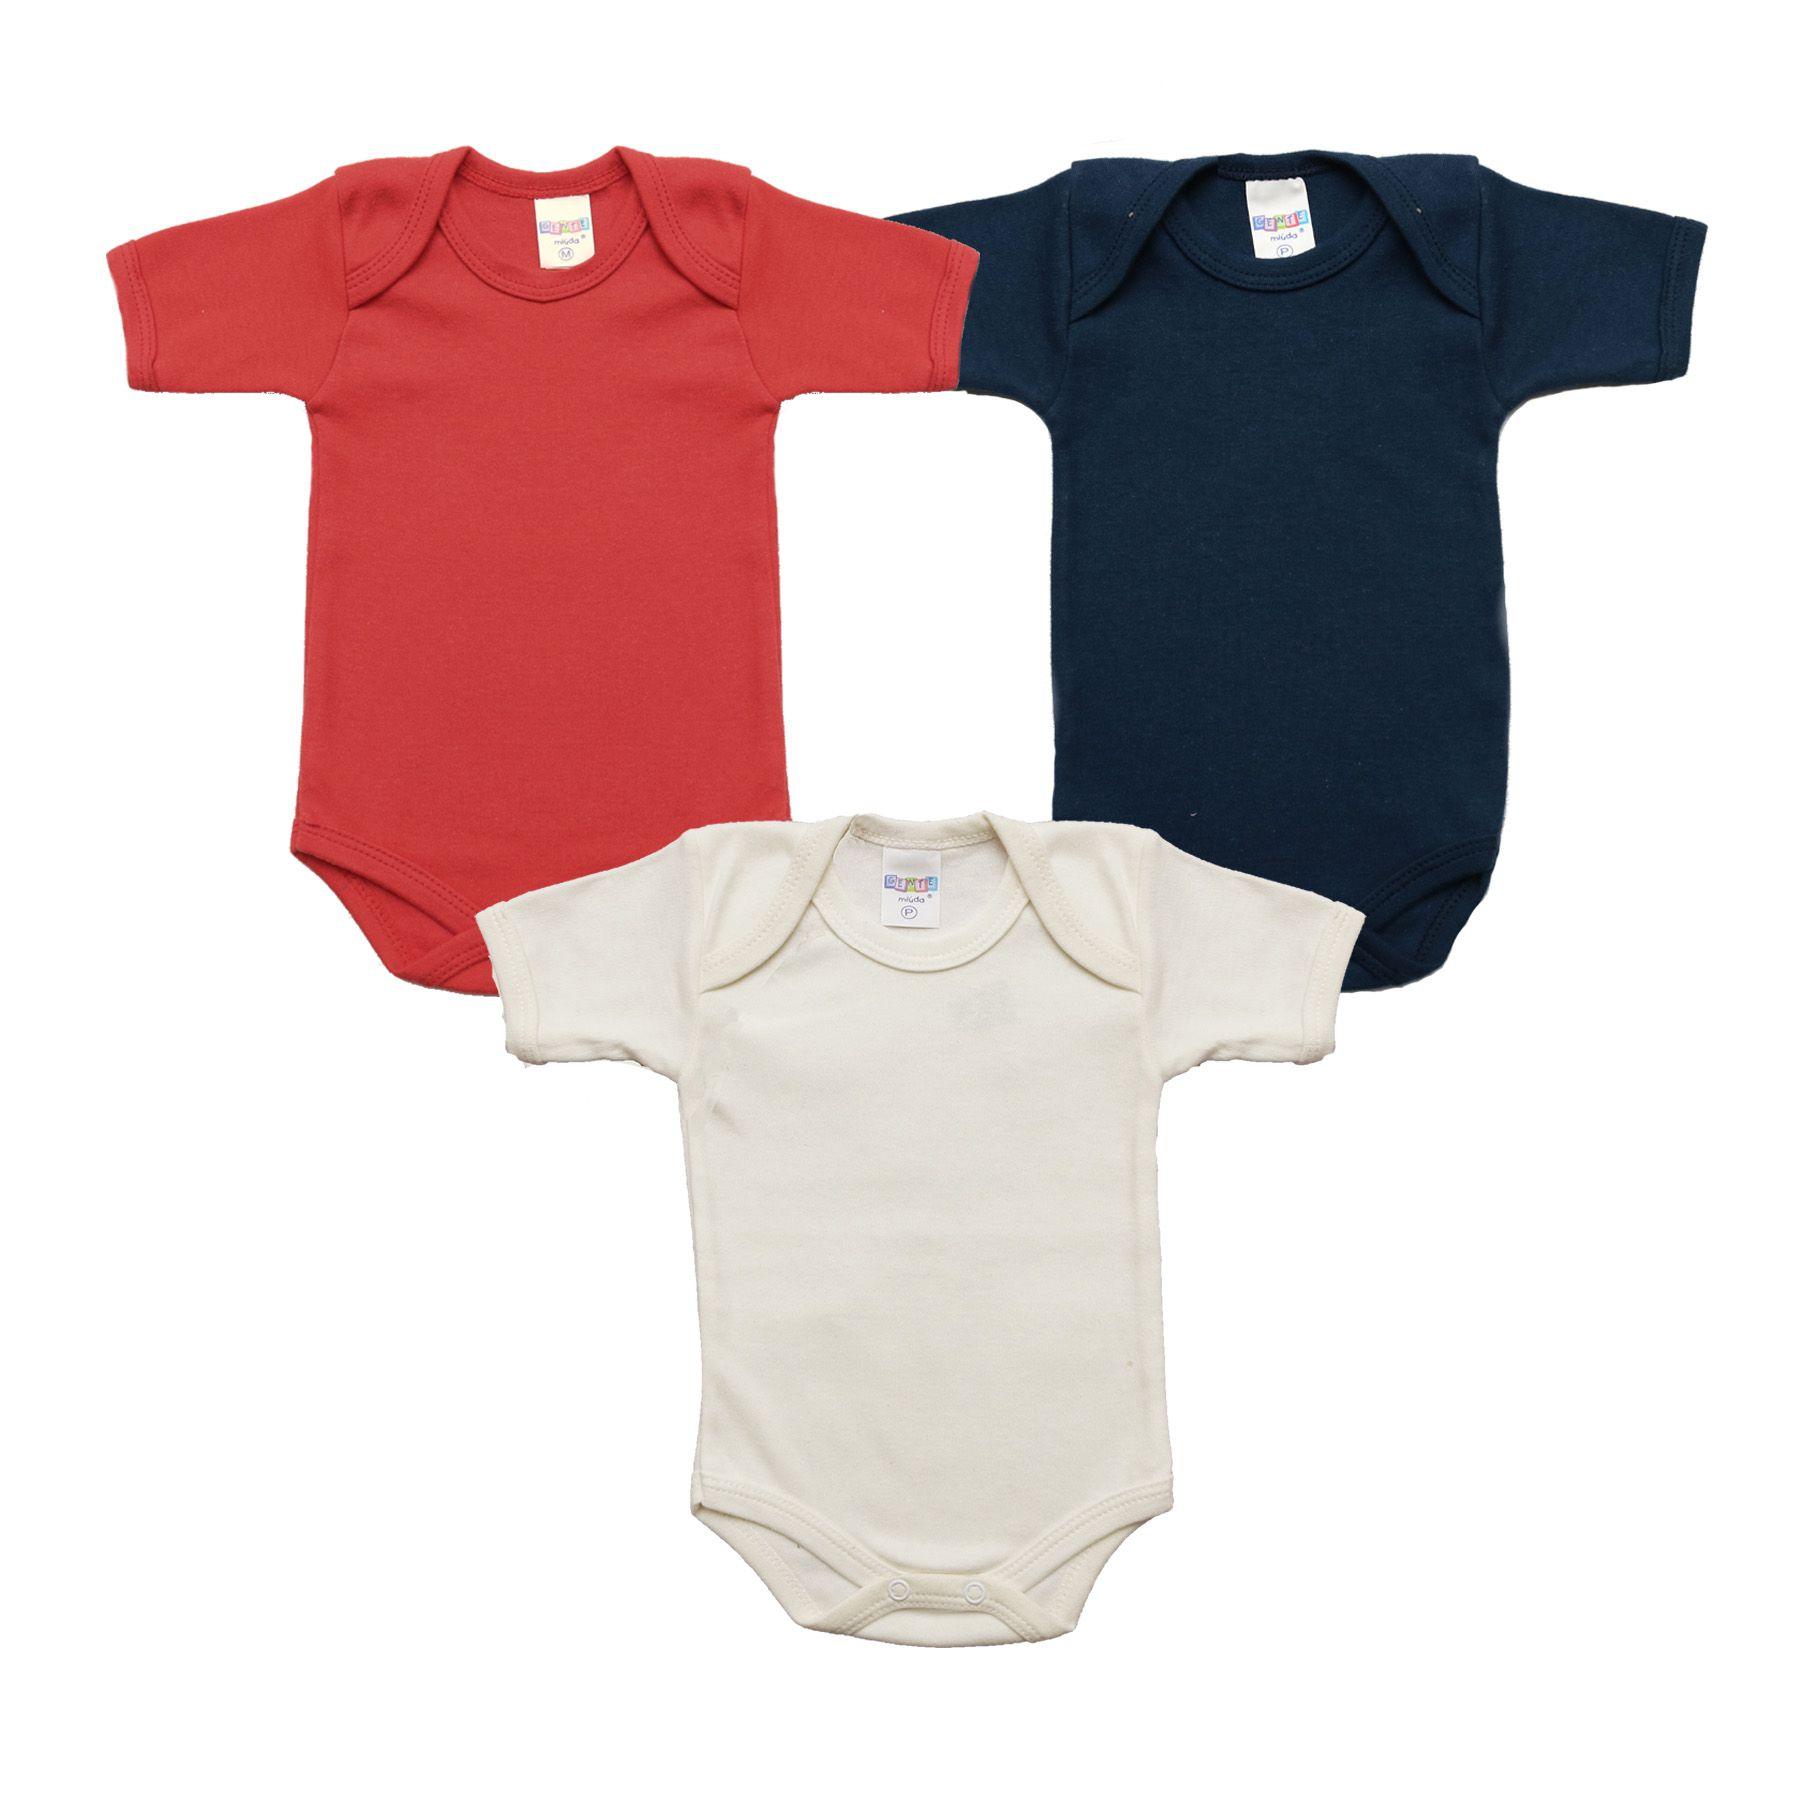 Kit Body Bebê com 3 Peças Básicos